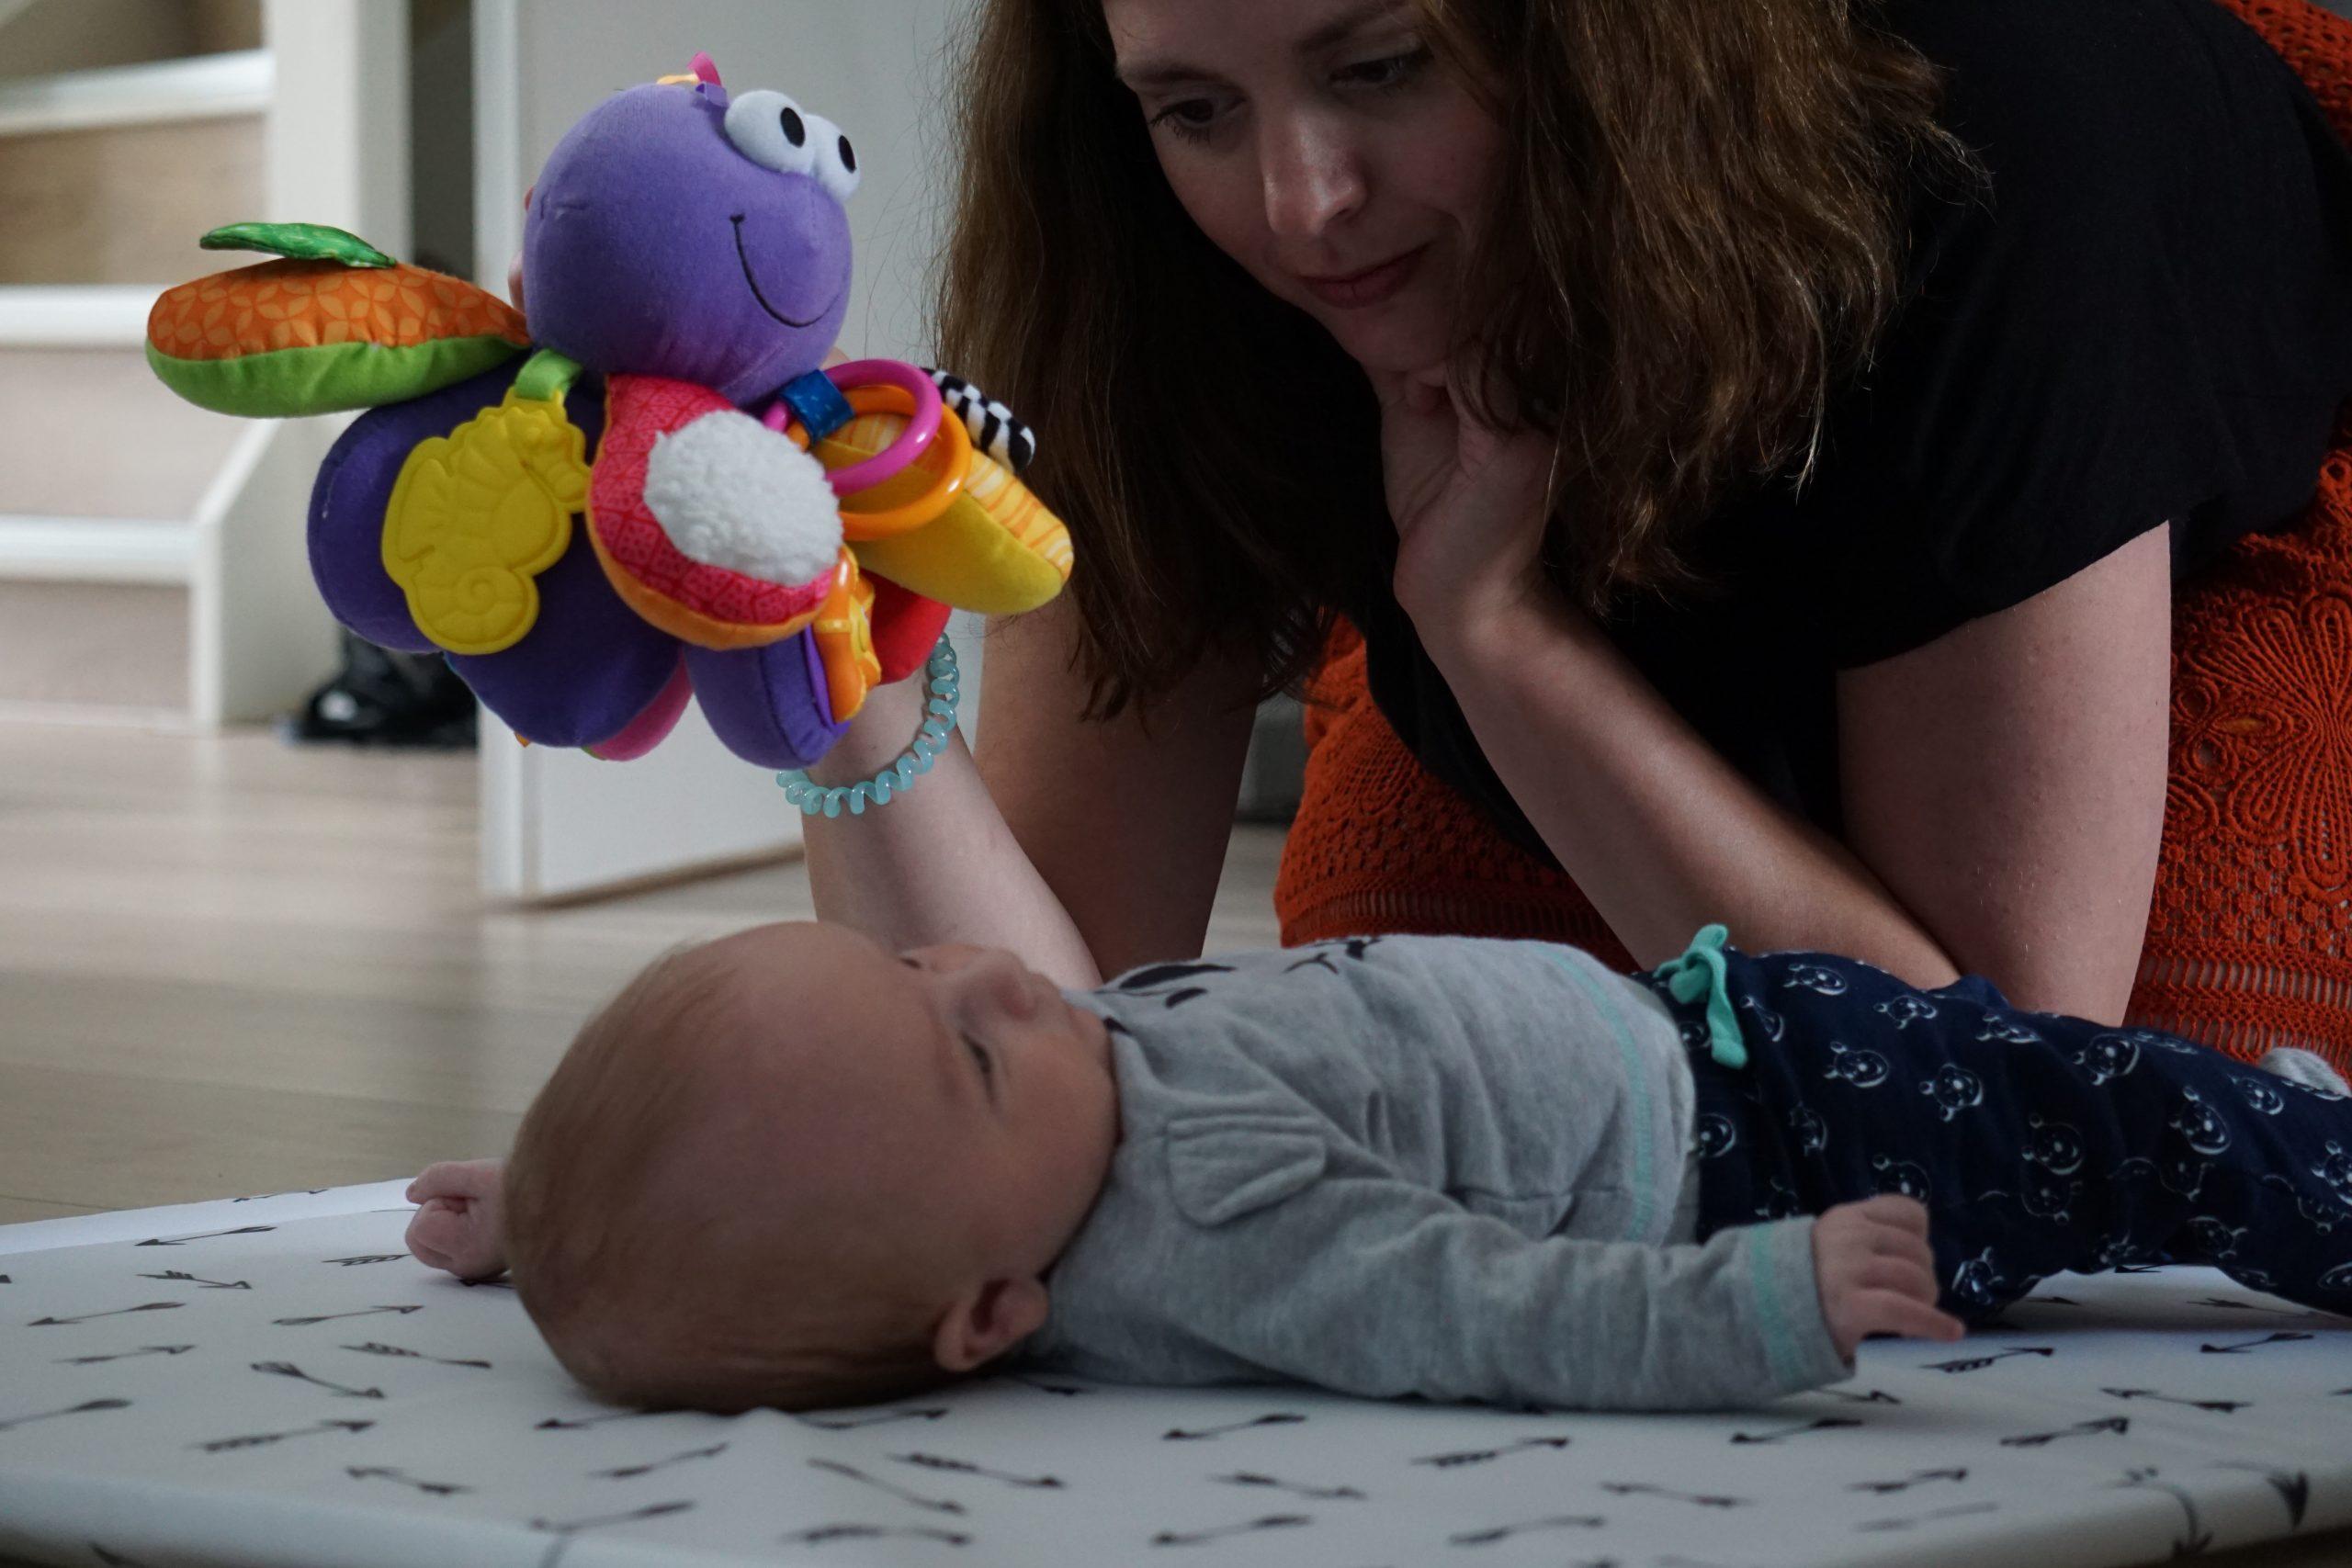 Ideeën voor spelen met je 0-3 maanden oude baby.